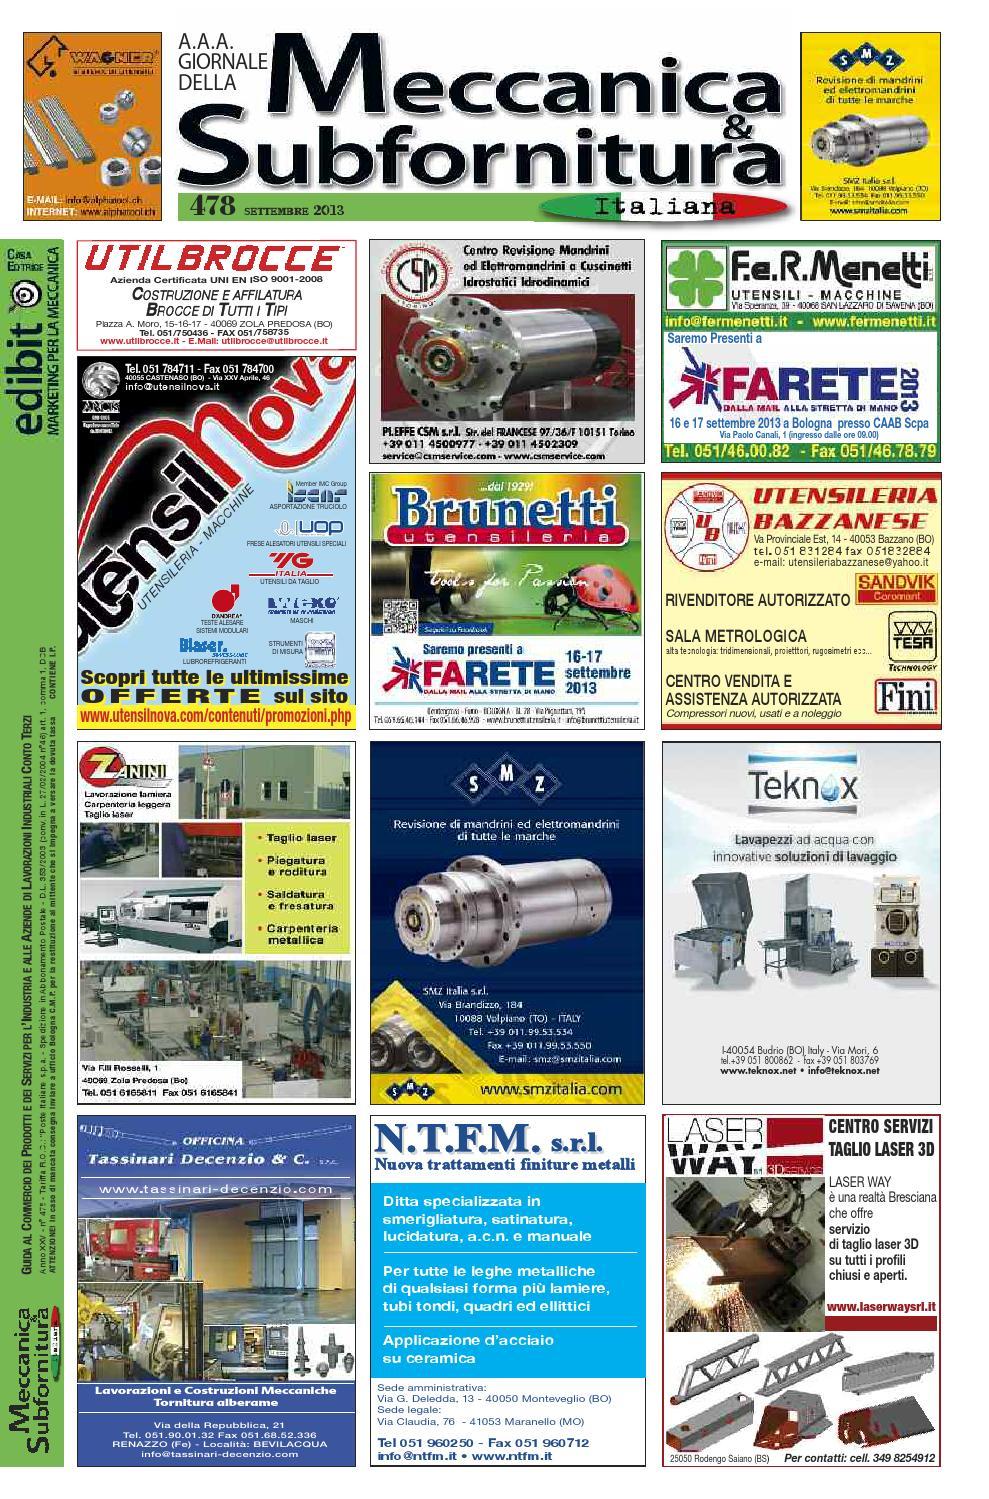 Meccanica Subfornitura 478 Settembre 2013 By Edibit